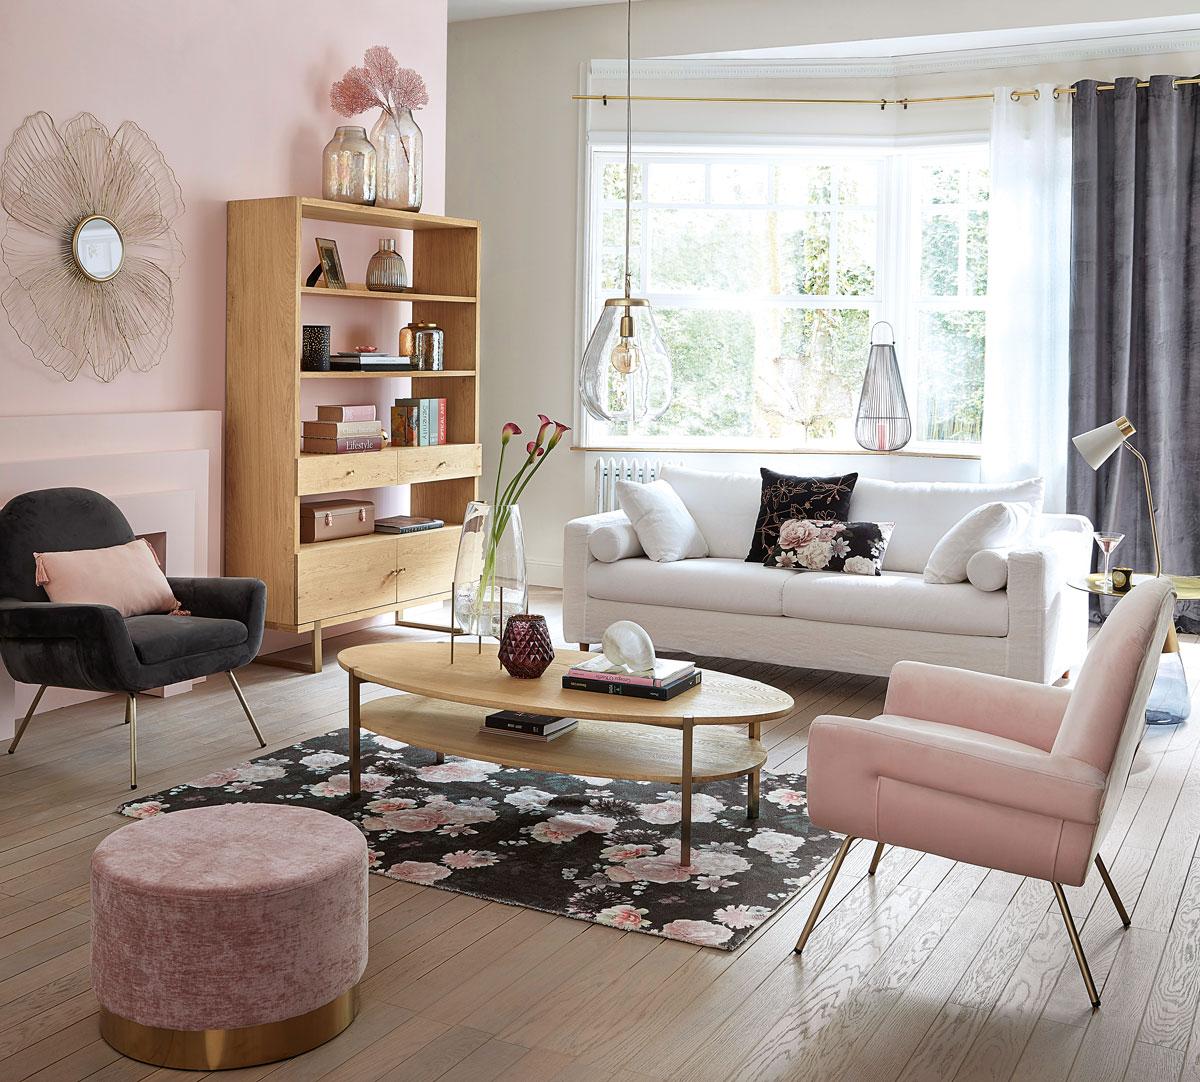 un canap convertible maisons du monde pour recevoir ses. Black Bedroom Furniture Sets. Home Design Ideas